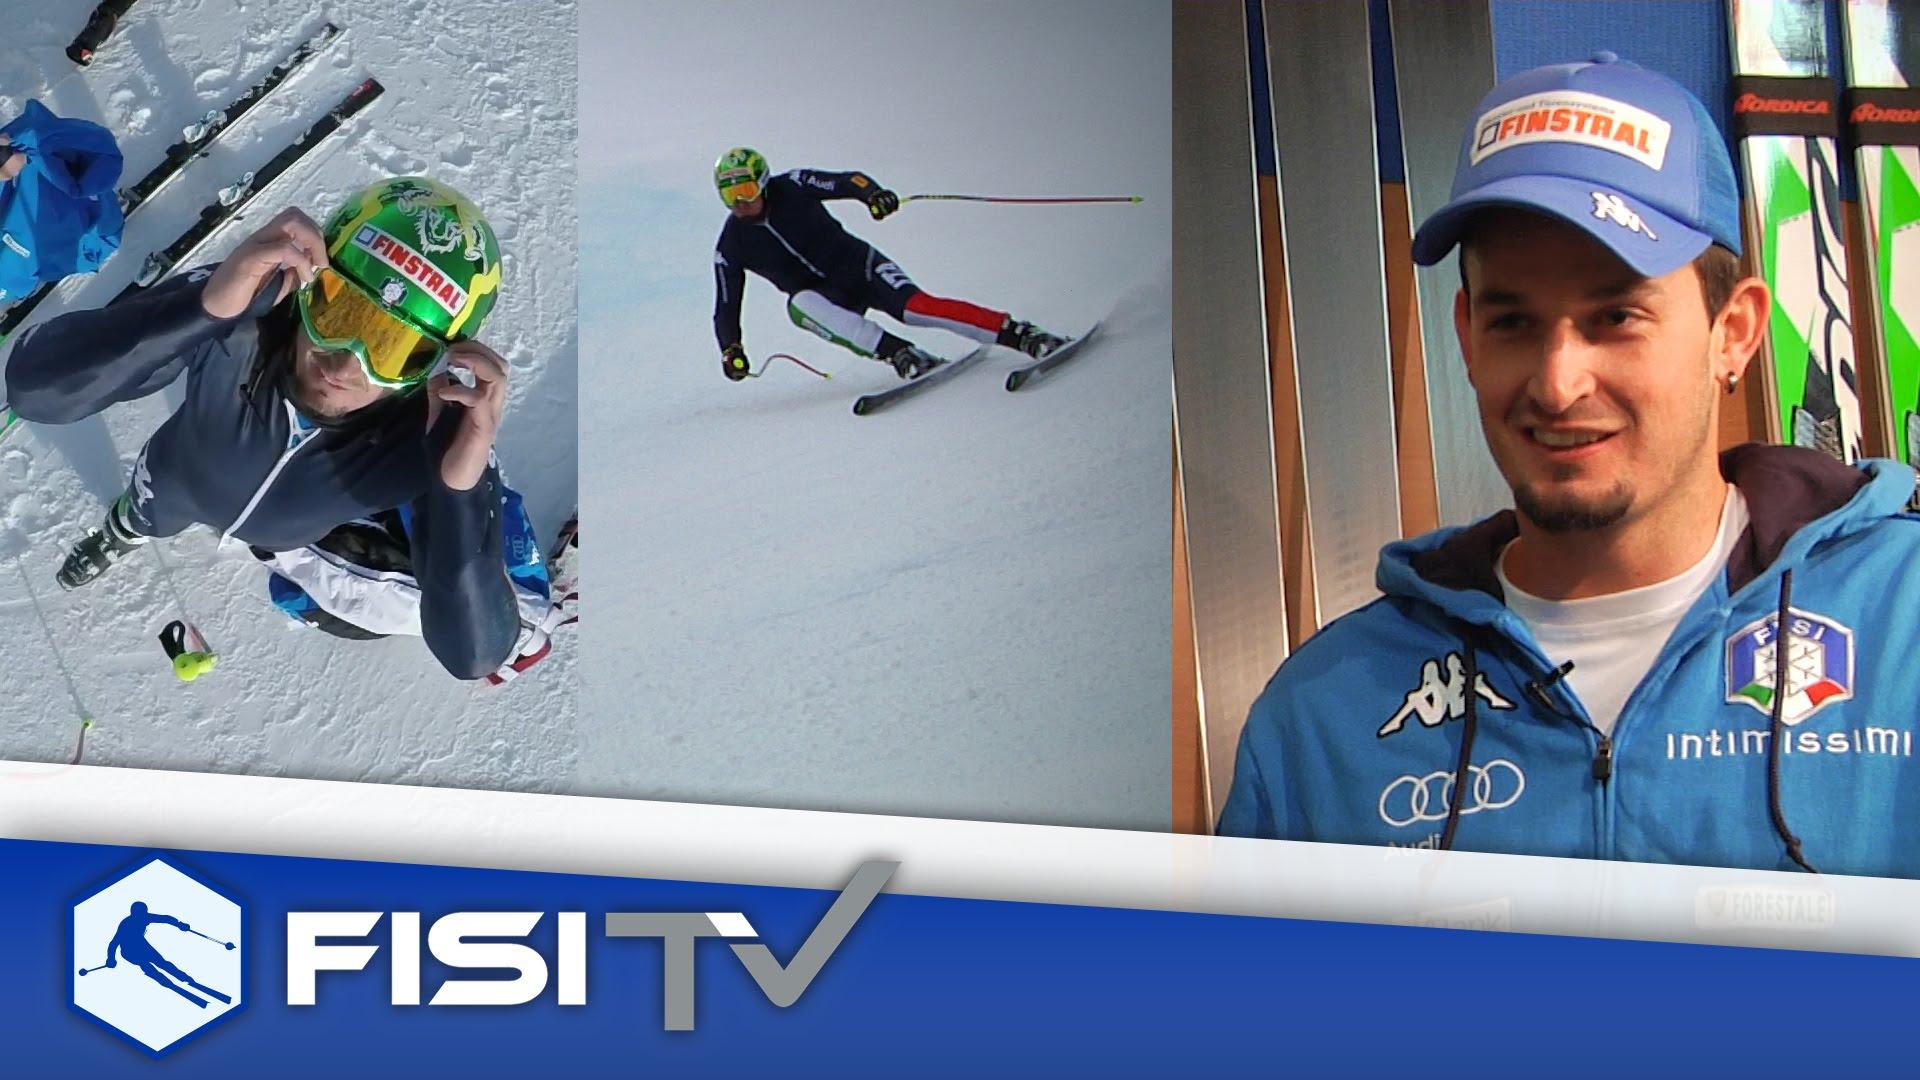 Dominik Paris è uno dei discesisti di punta della nazionale italiana di sci. Va veloce da sempre perché secondo lui quando si va piano si rischia solo di cadere. Ha raccontato alle telecamere di Fisitv che fin da bambino in qualsiasi sport e su qualsiasi mezzo ha sempre e solo cercato di essere il più veloce. In gara i